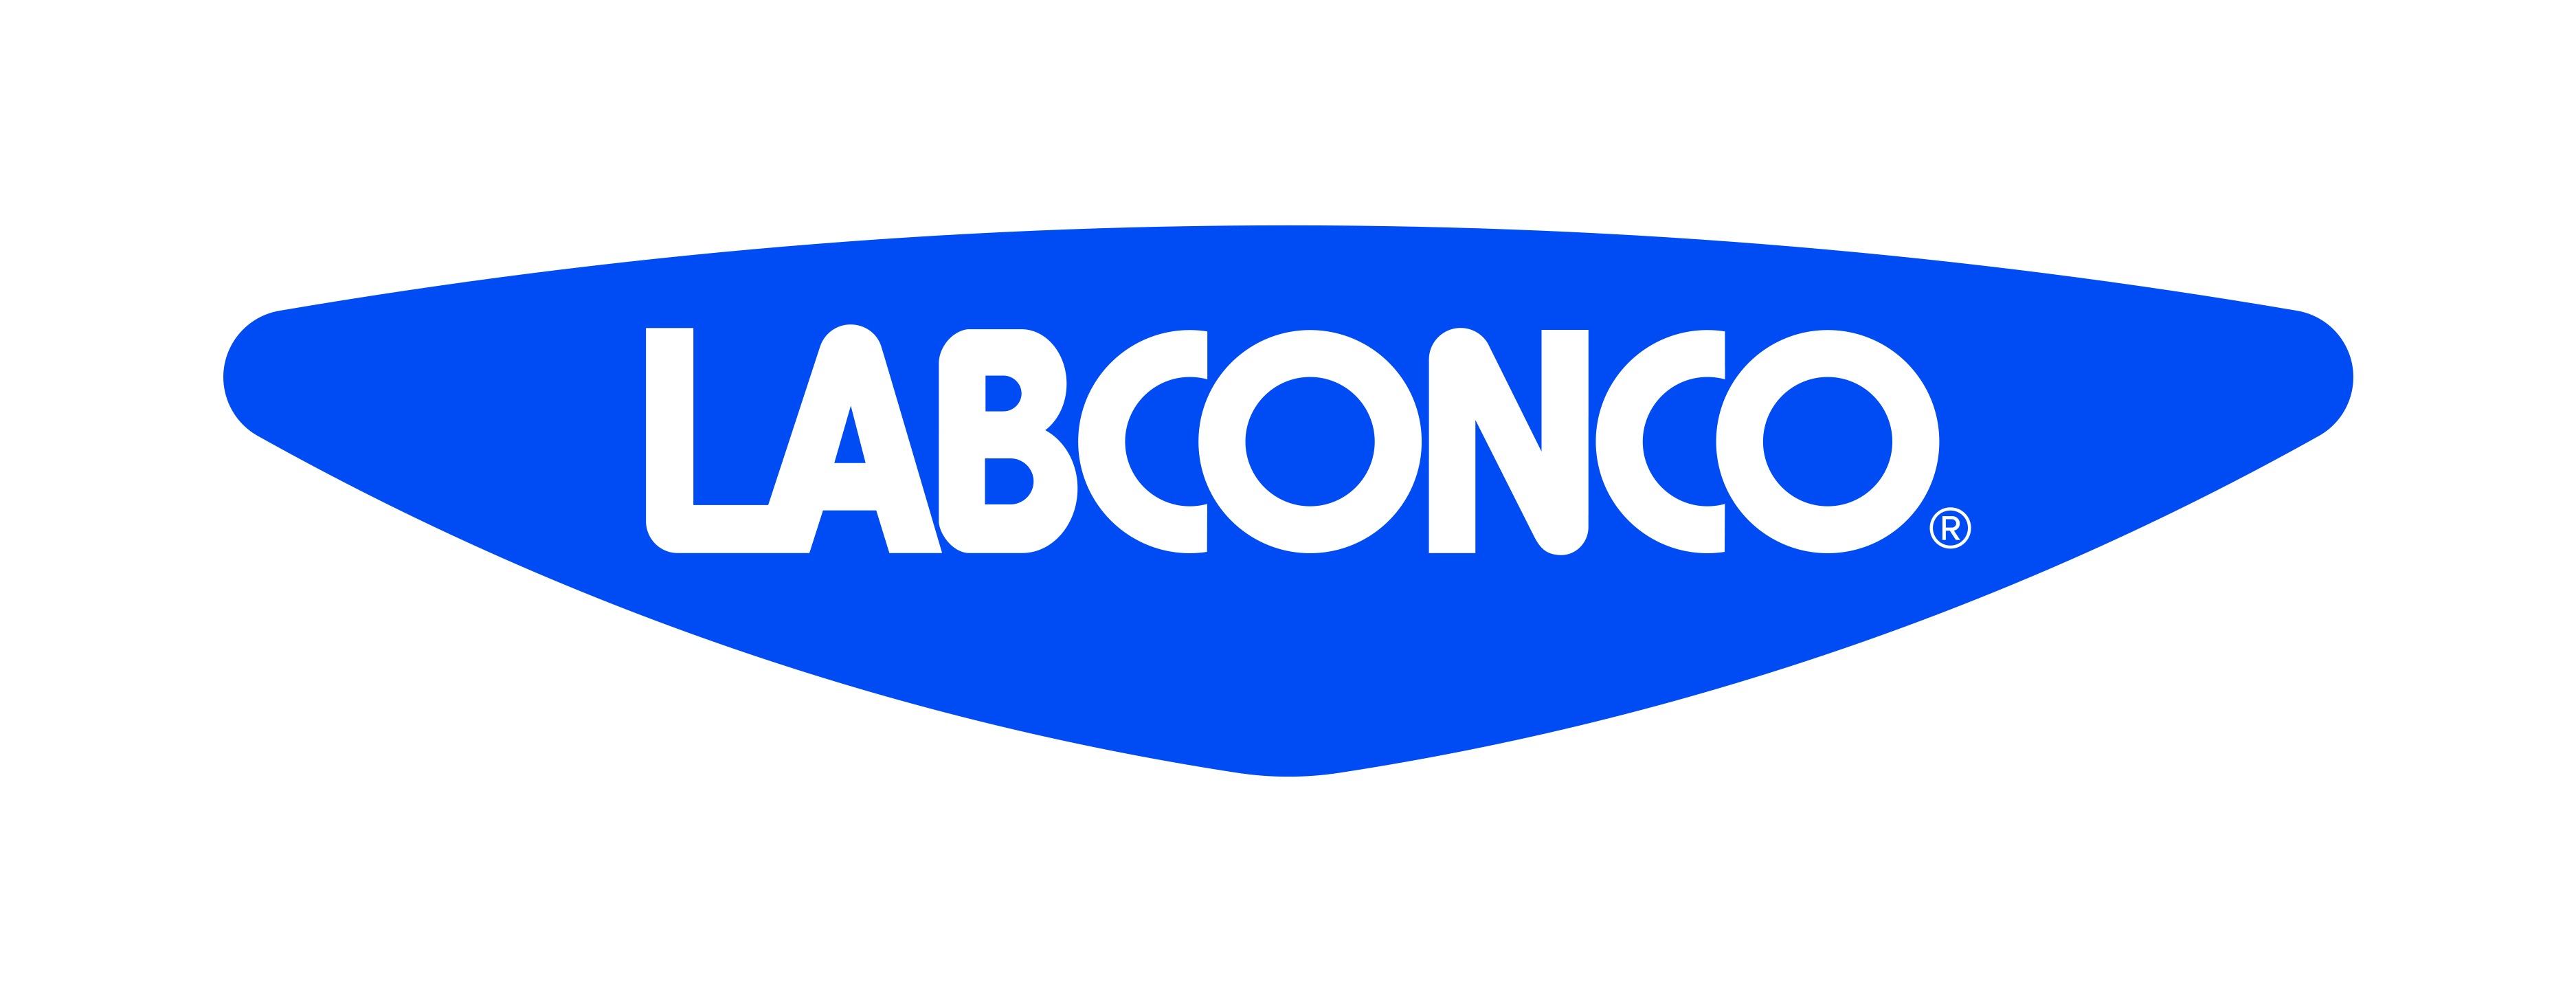 Labconco Corporation - Plant Manager